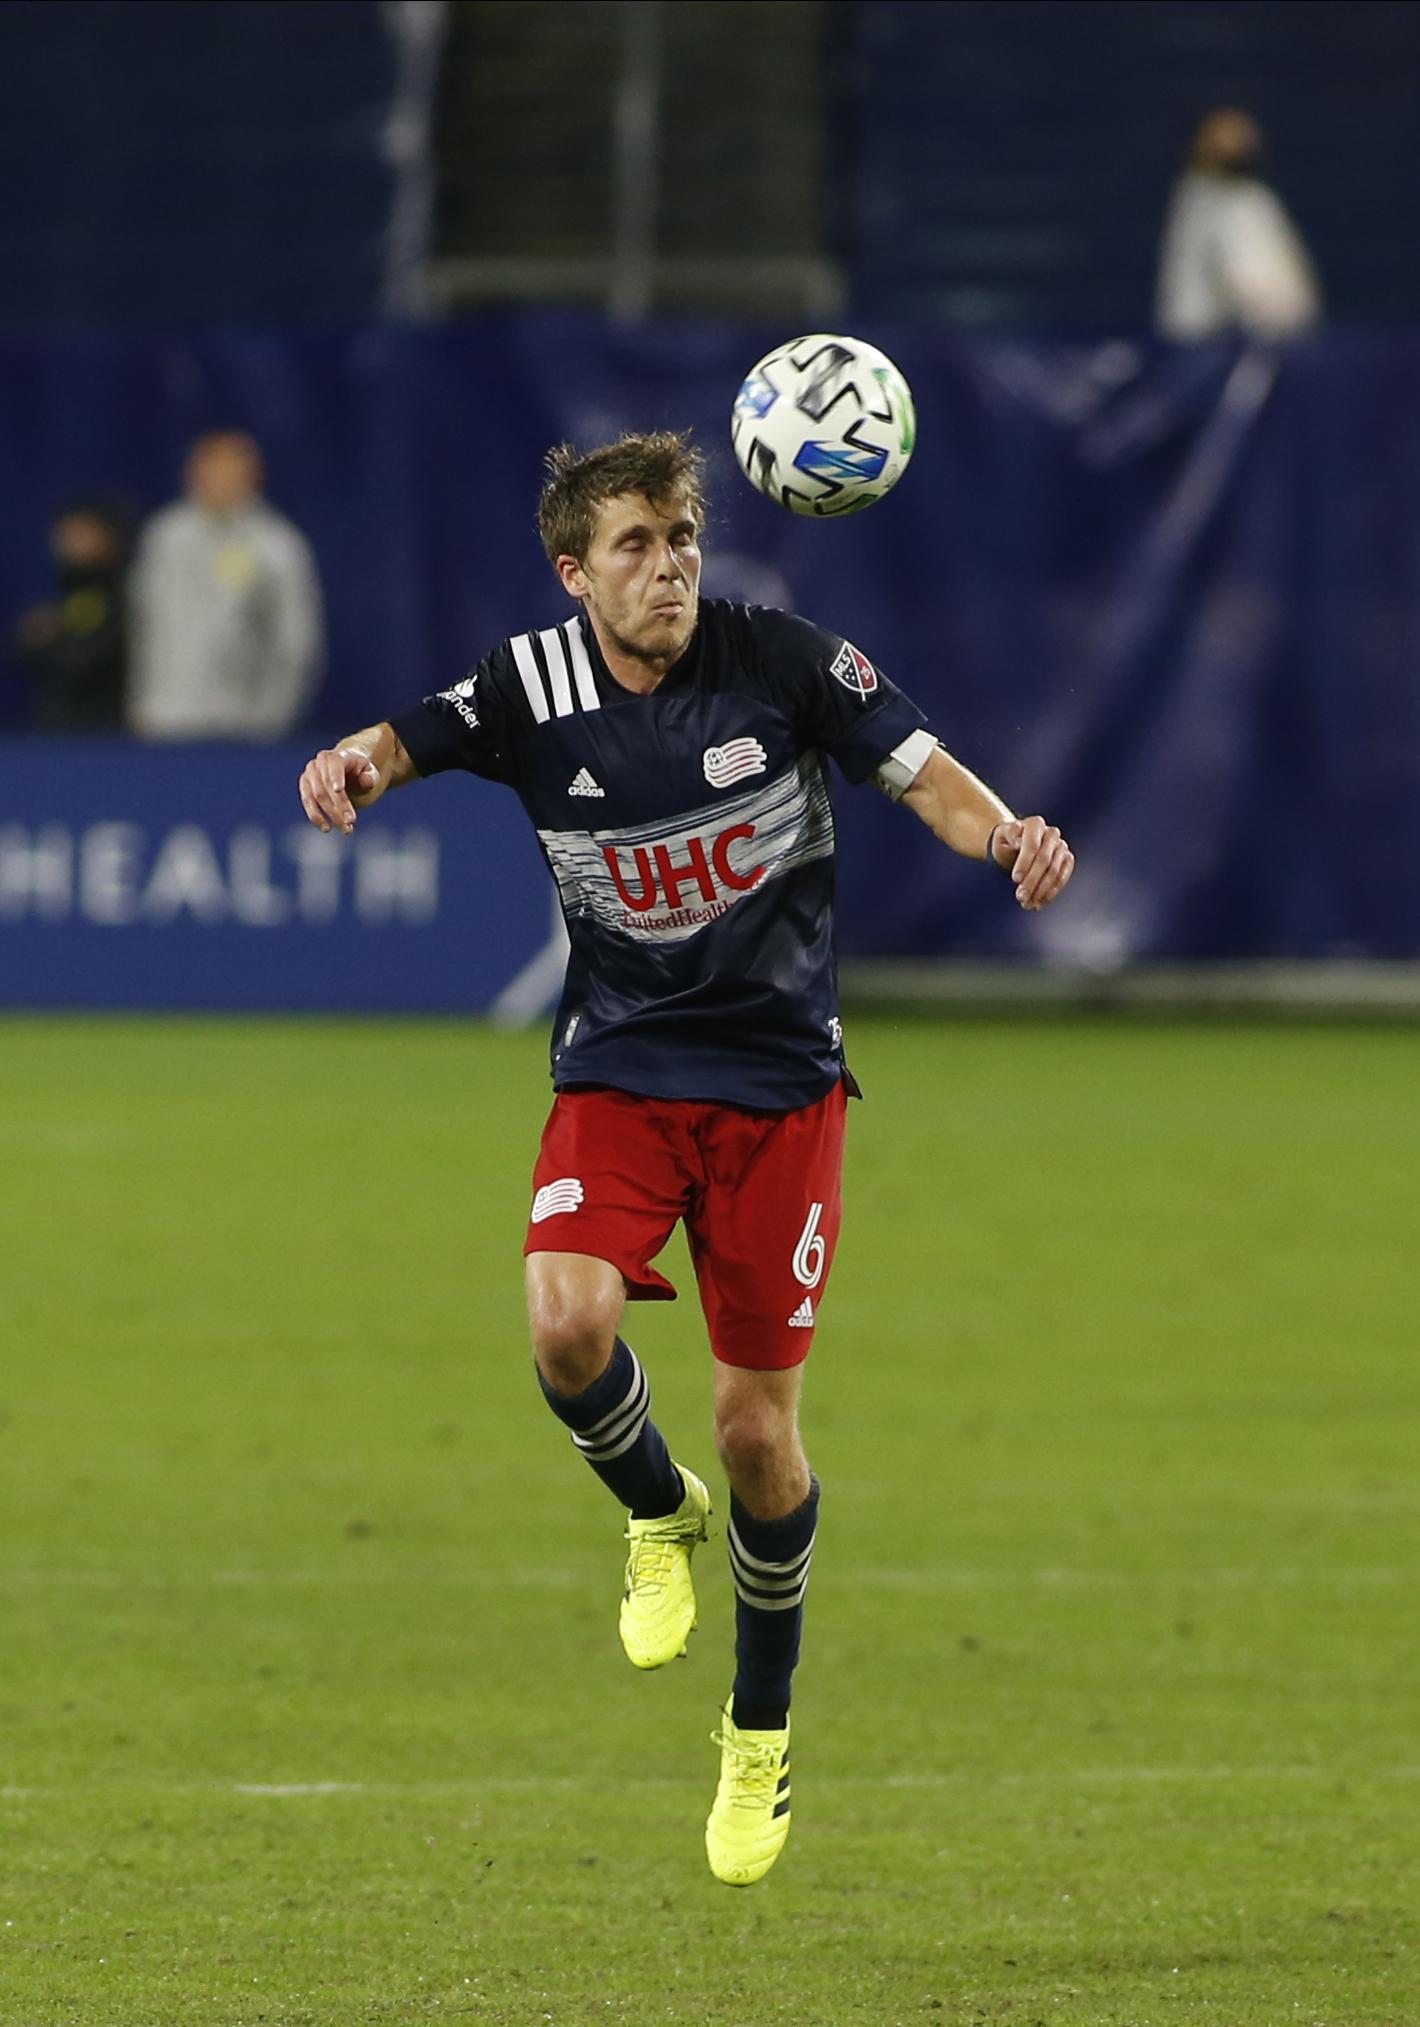 SOCCER: OCT 23 MLS - New England Revolution at Nashville SC